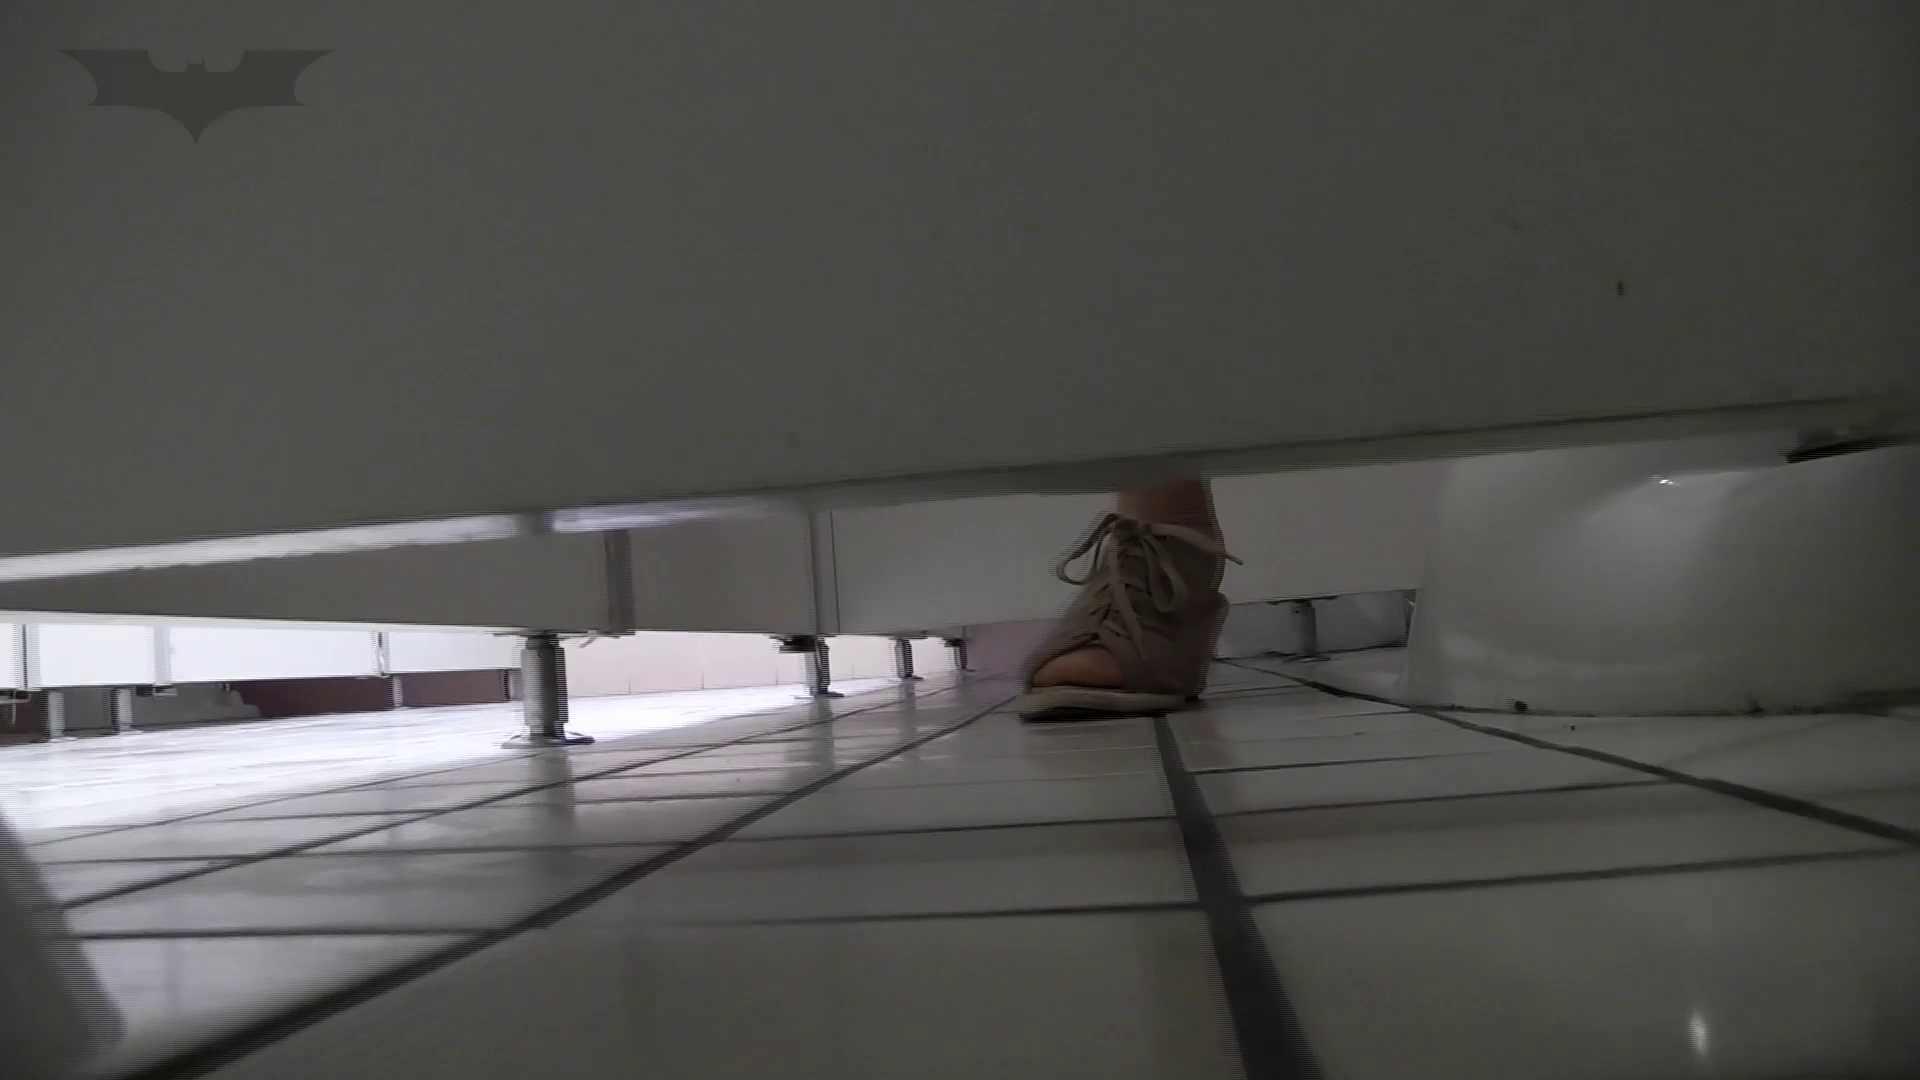 美しい日本の未来 No.36 進歩3連続作戦【2015・28位】 盗撮エロすぎ | おまんこ無修正  28連発 19